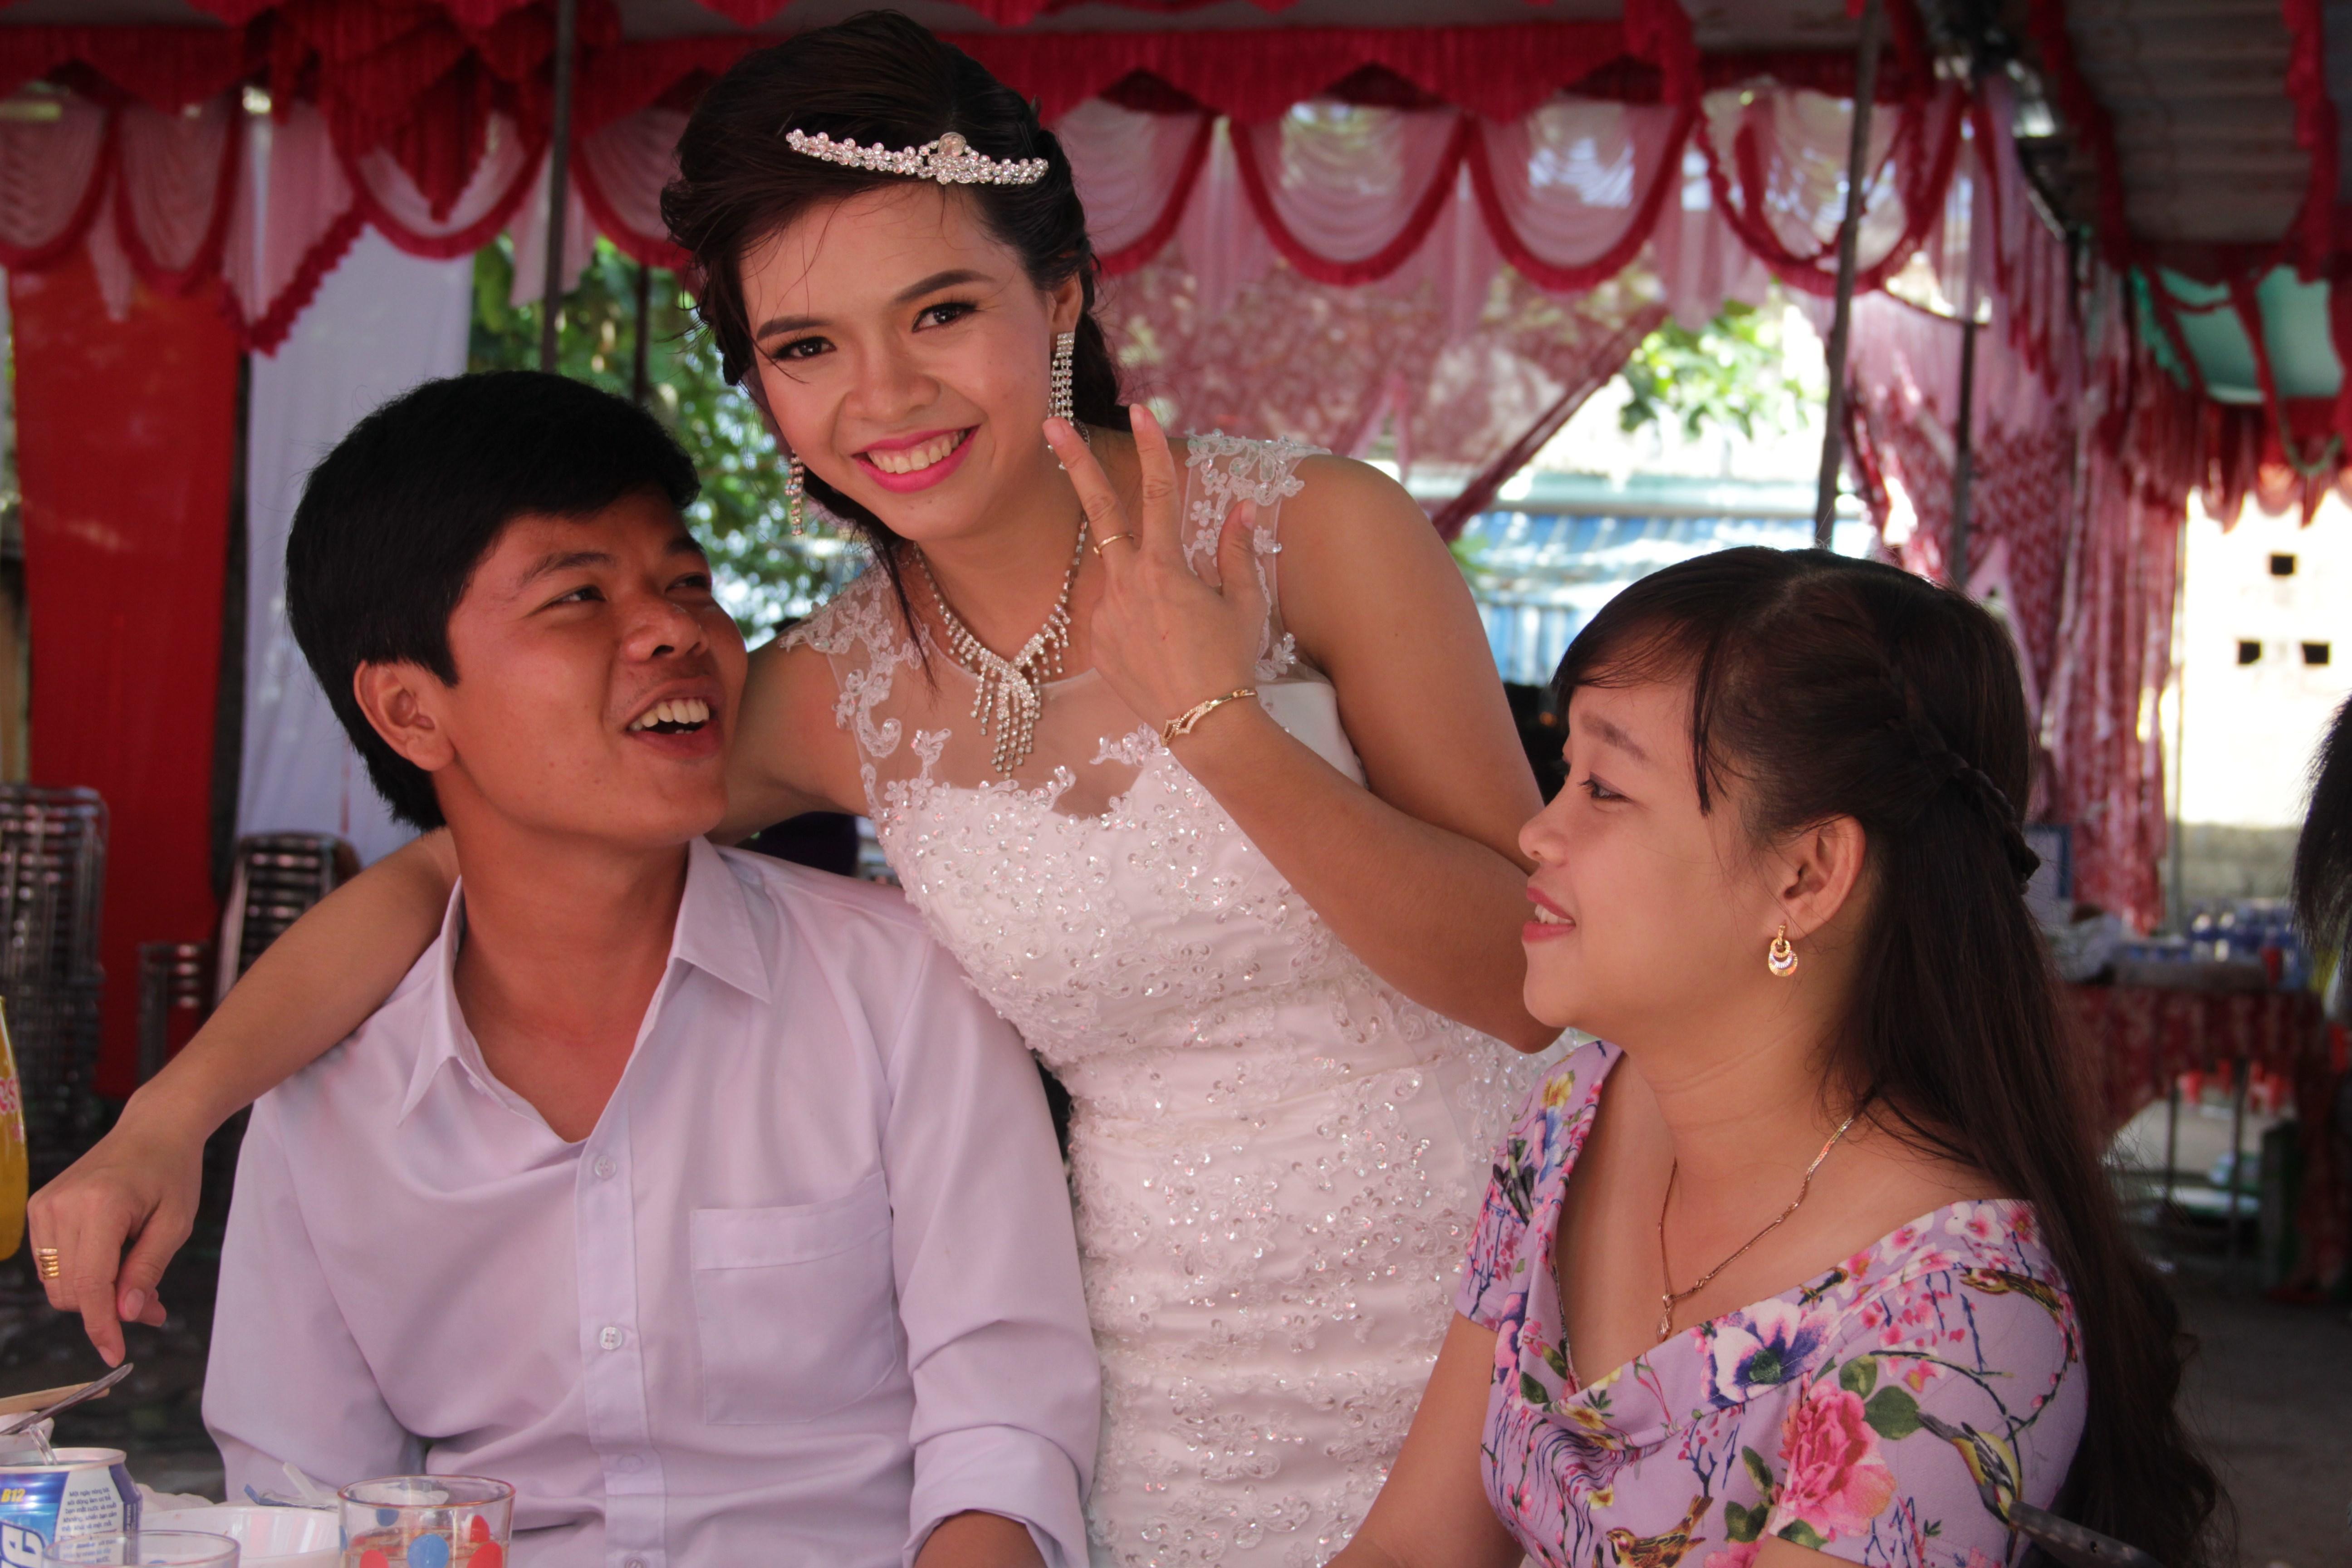 La mariée avec ses amis.